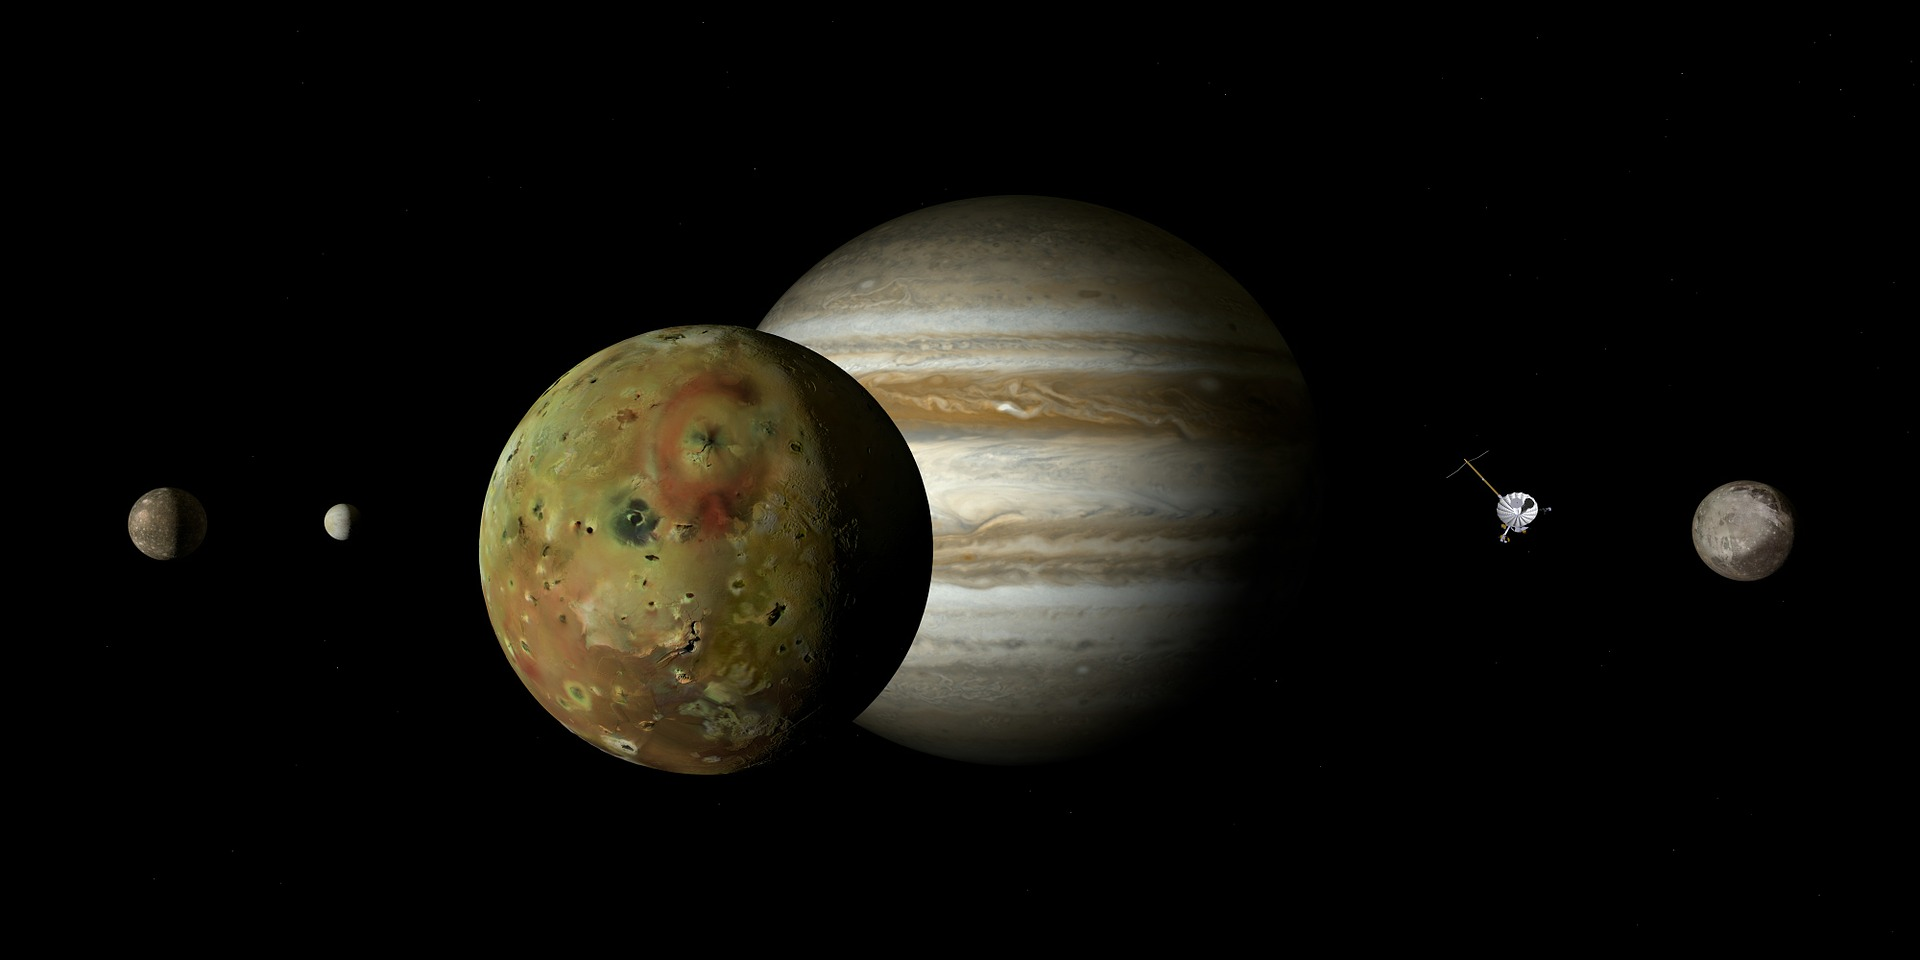 木星の衛星「イオ」